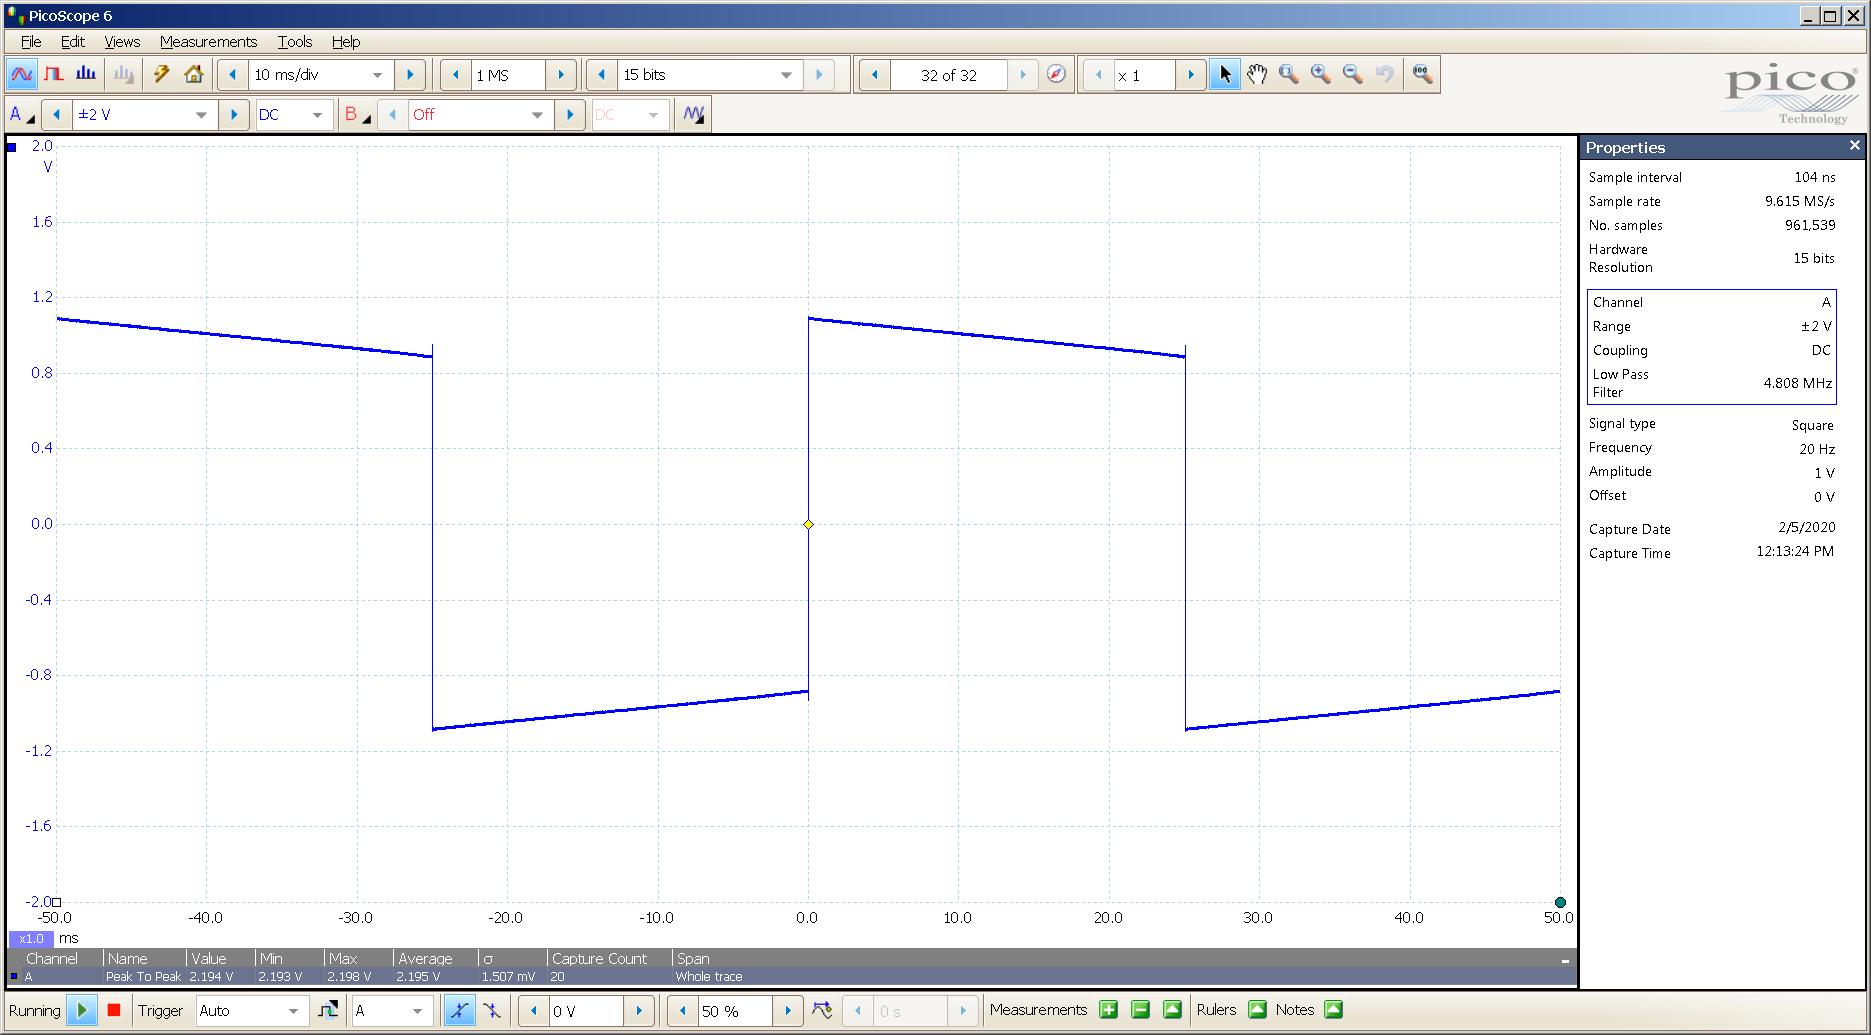 20200205 SigGen ECP T4 Mullard CV4024 20 Hz square 2000mVpp 10mS div 5MHz filter 300R.png